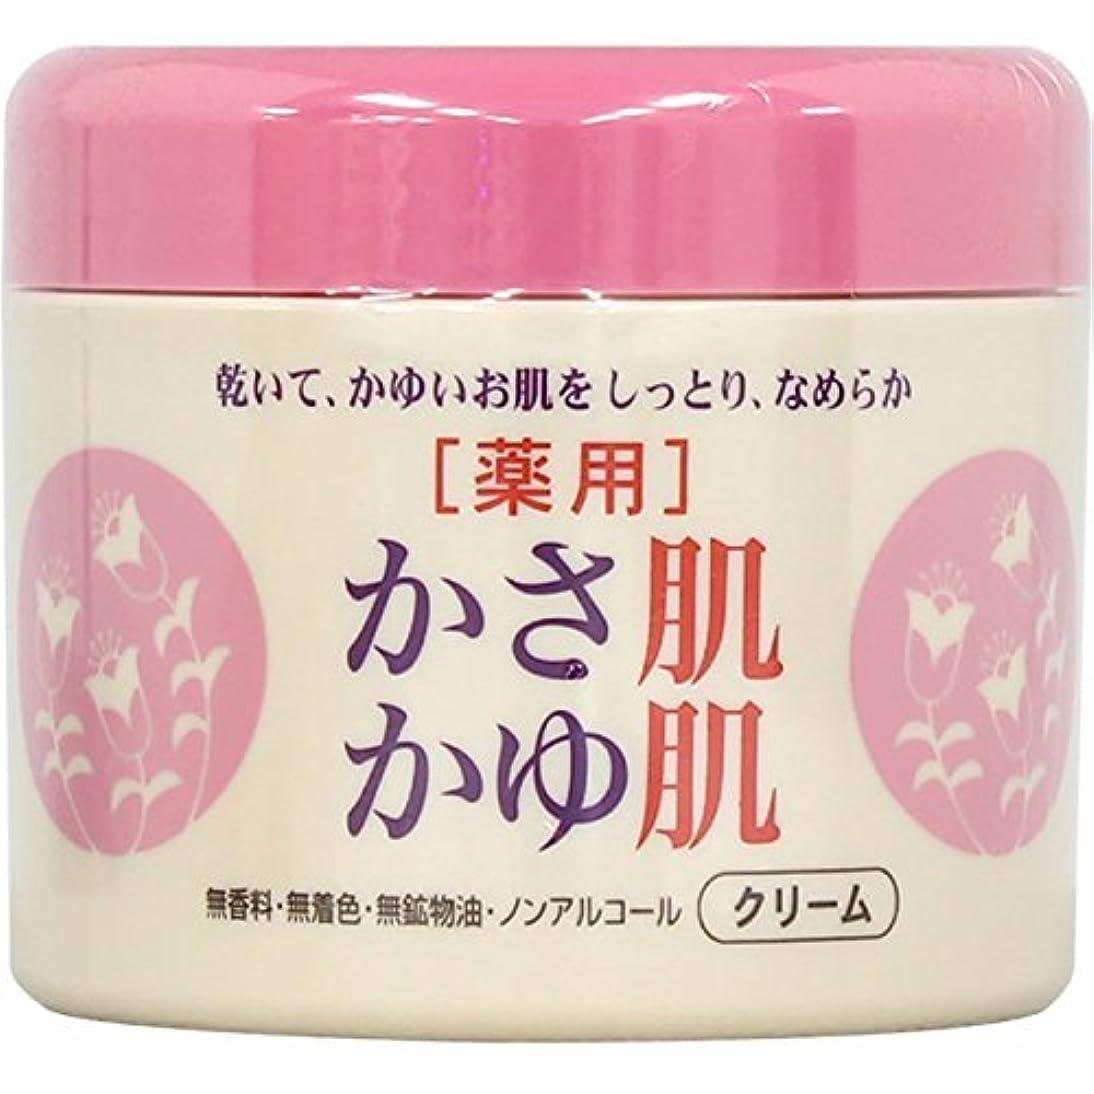 便宜伝説理容室ヒラマツ商事 薬用 かさ肌かゆ肌ミルキークリーム 280g (医薬部外品)